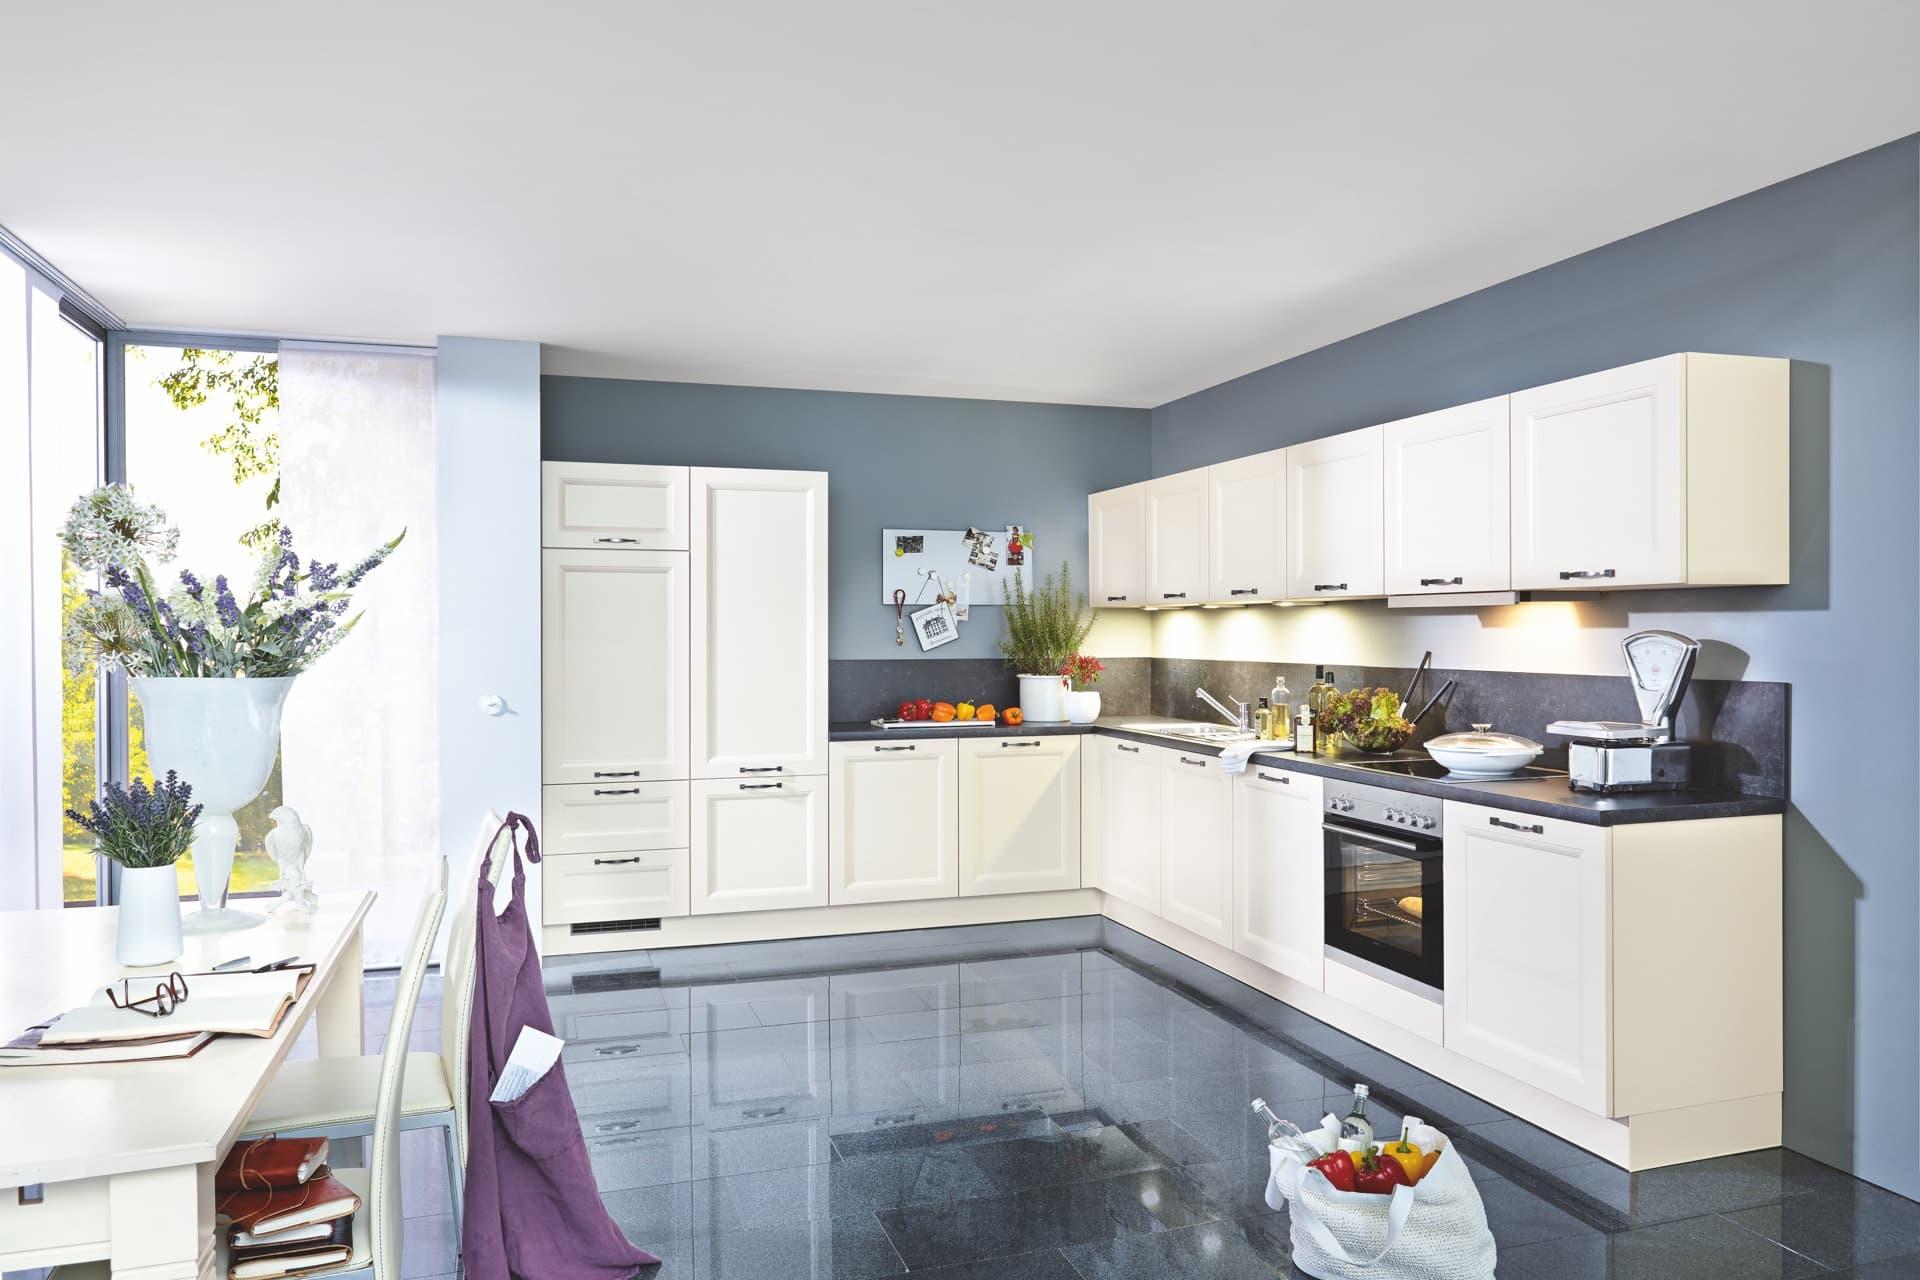 landhaus k chen k chenstudio wangen im allg u. Black Bedroom Furniture Sets. Home Design Ideas